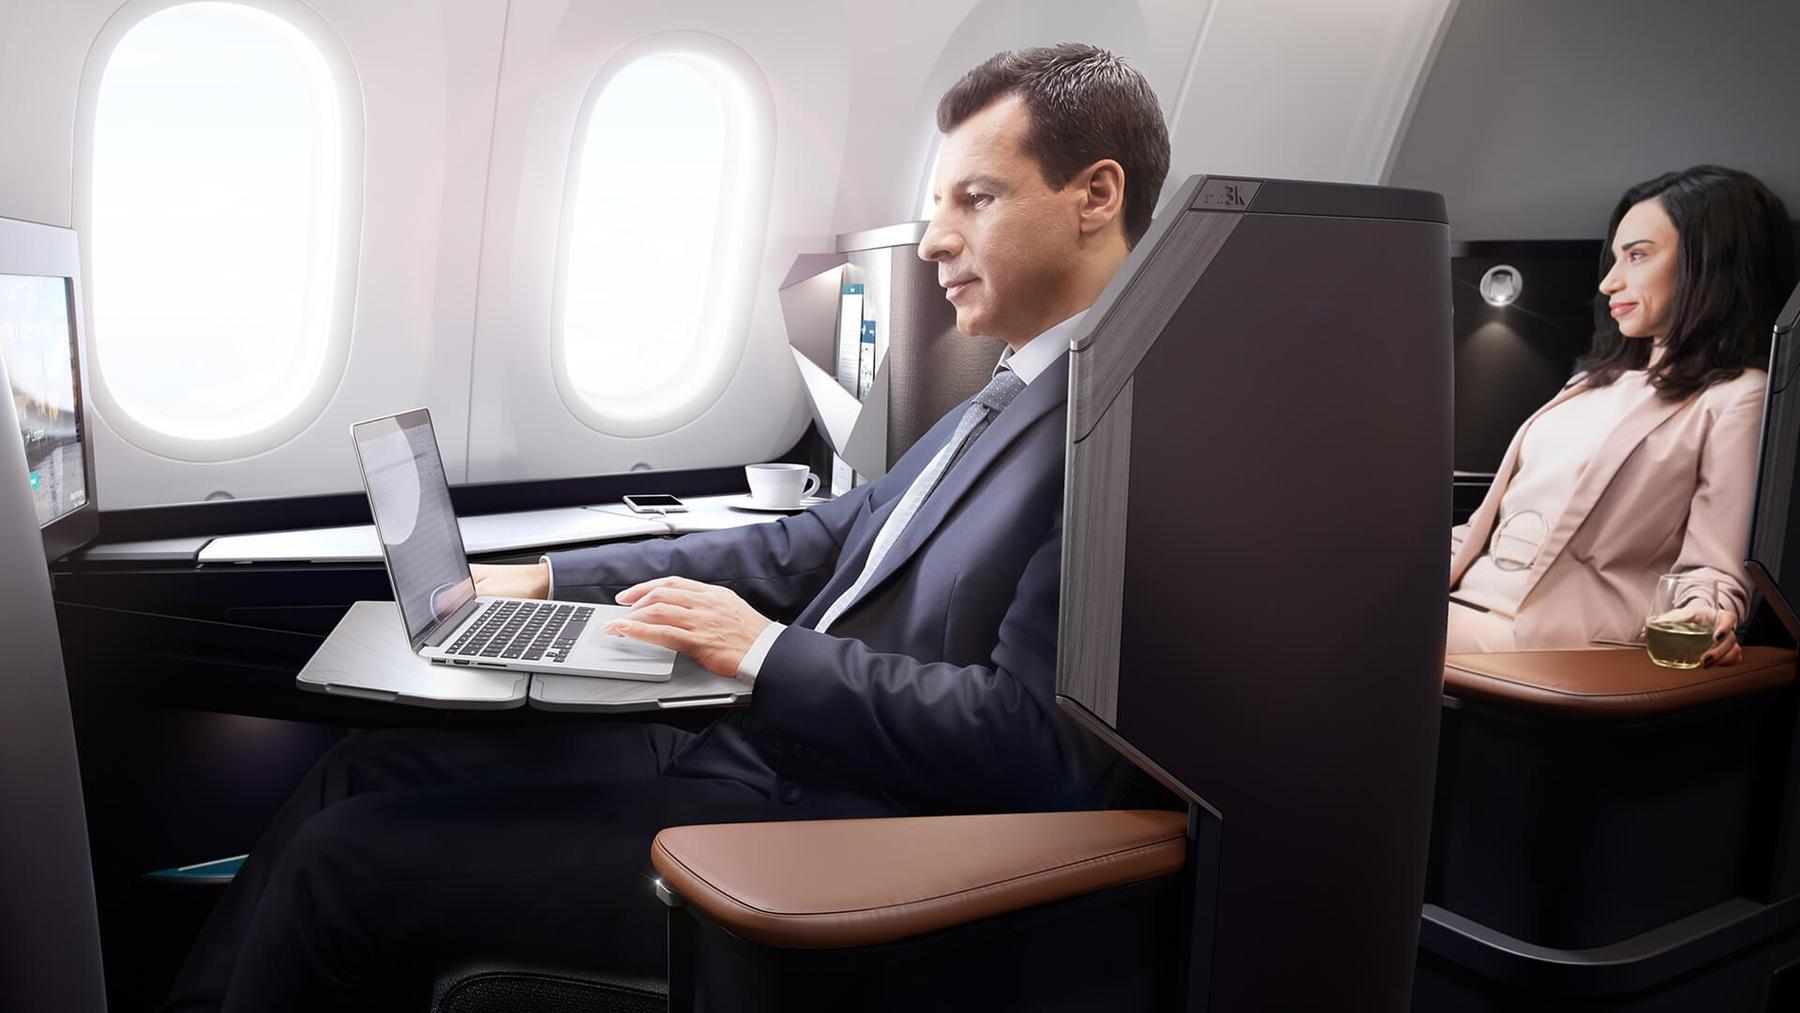 tillåten vätskemängd på flyg